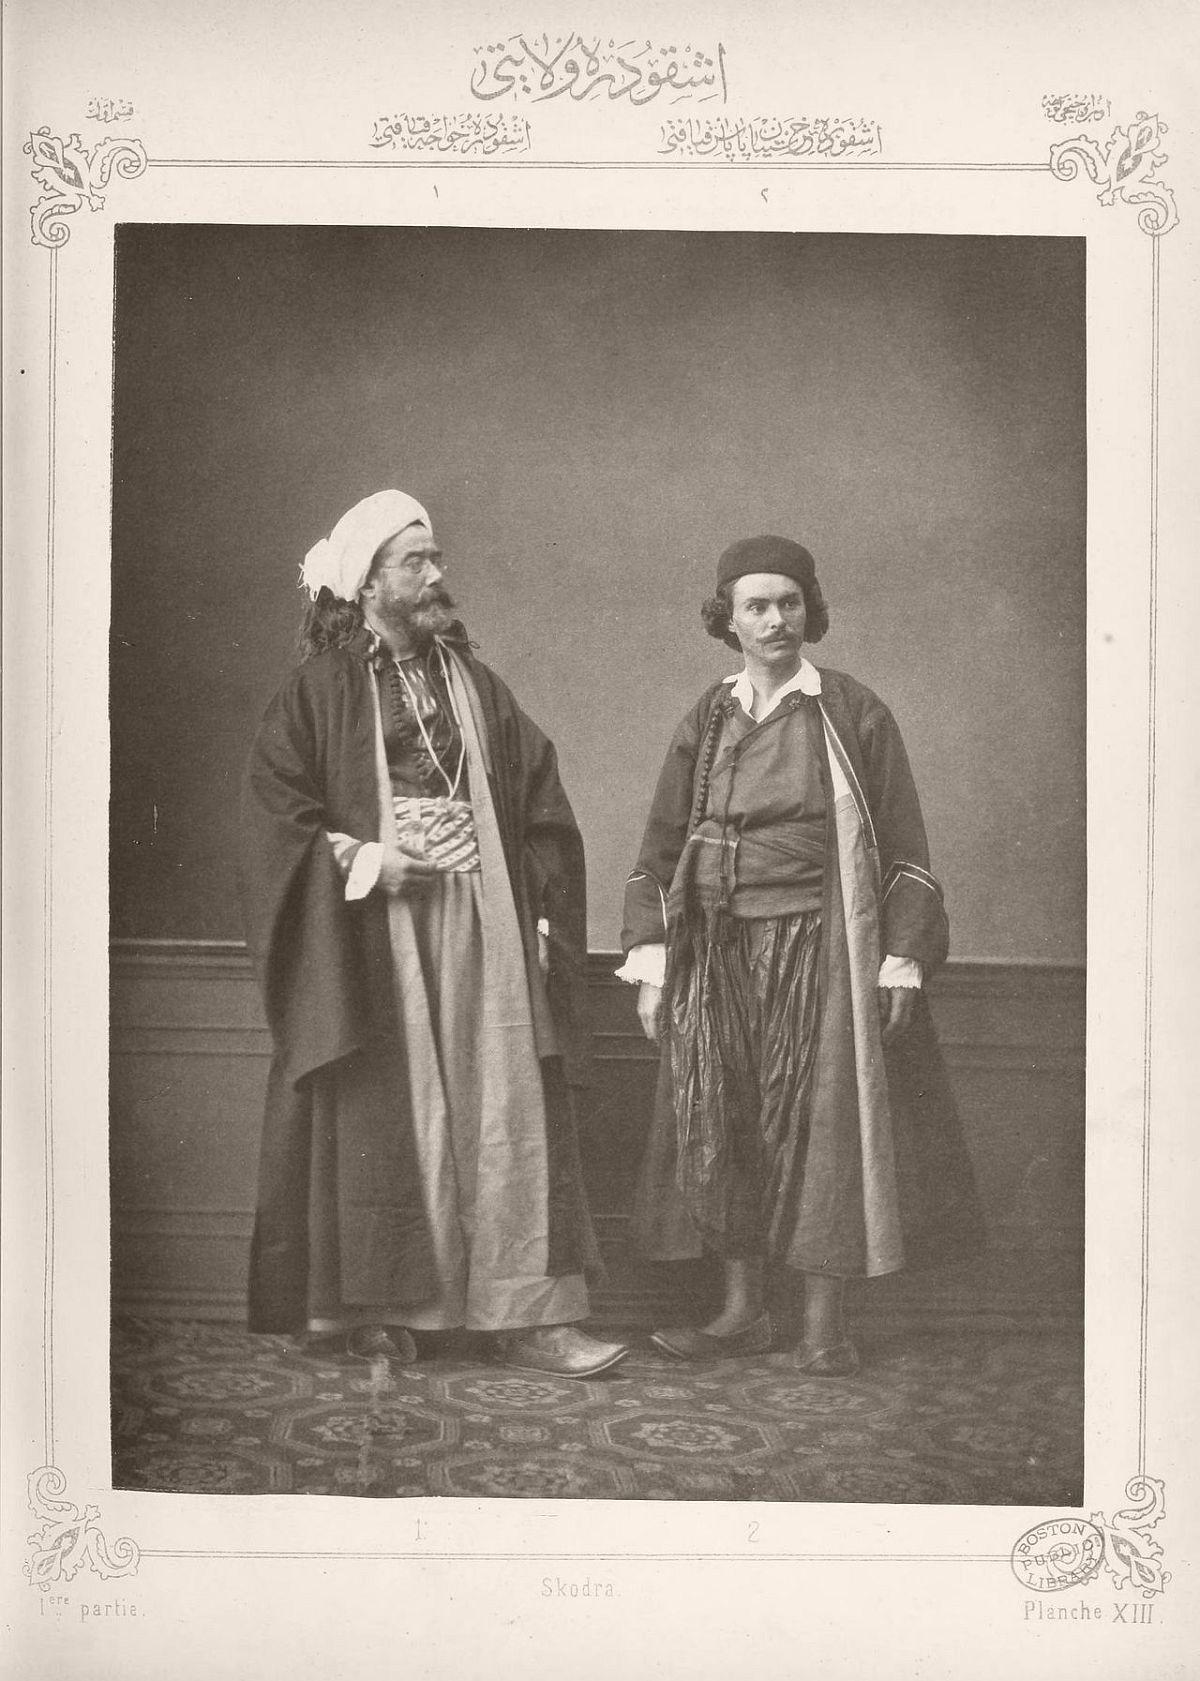 1: Hodja from Shkodër 2. Christian priest from Shkodër